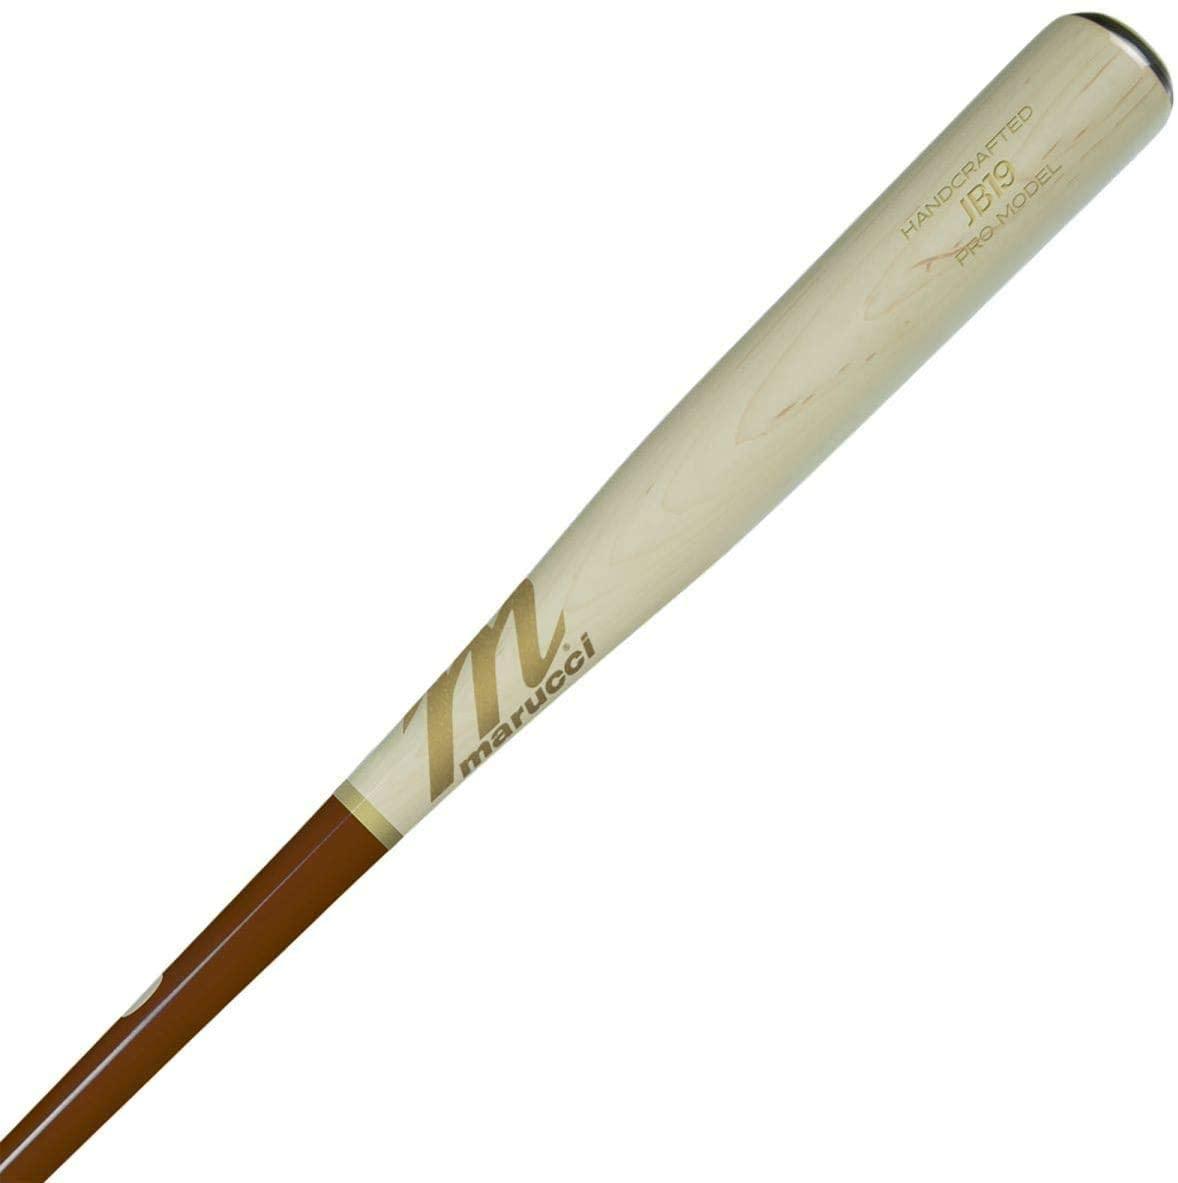 marucci-jose-bautista-maple-wood-baseball-bat-33-inch MVE2JB19-WTWW-33 Marucci  Marucci Sports - Jose Bautista Pro Model - Walnut/Whitewash MVE2JB19-WT/WW-33 Baseball